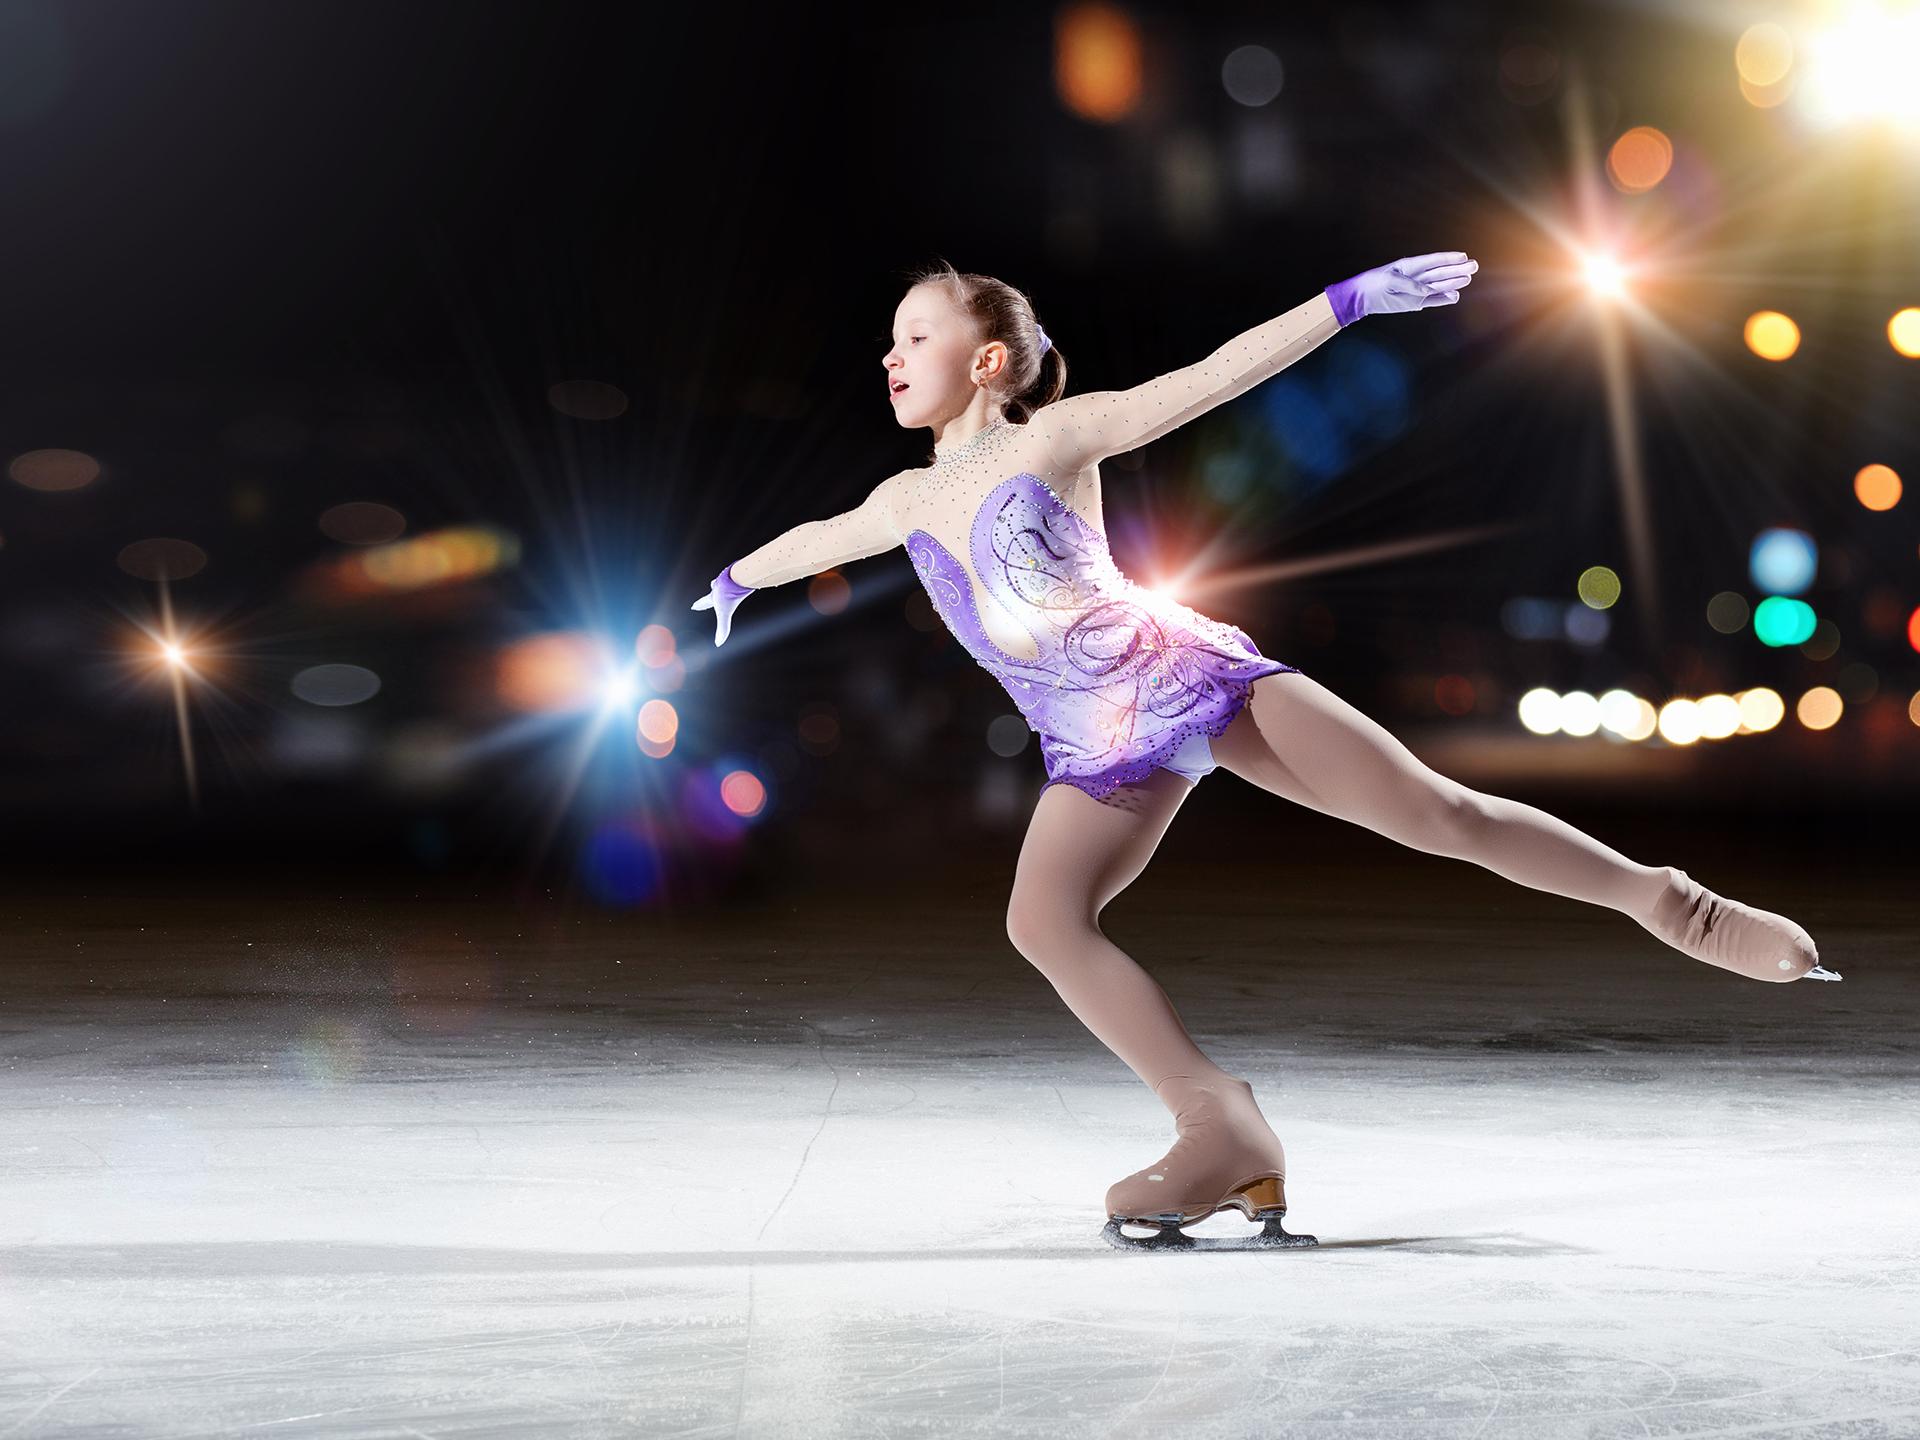 フィギュアスケート専門ケアのご案内|東京・三鷹のヘルスラボスポーツ